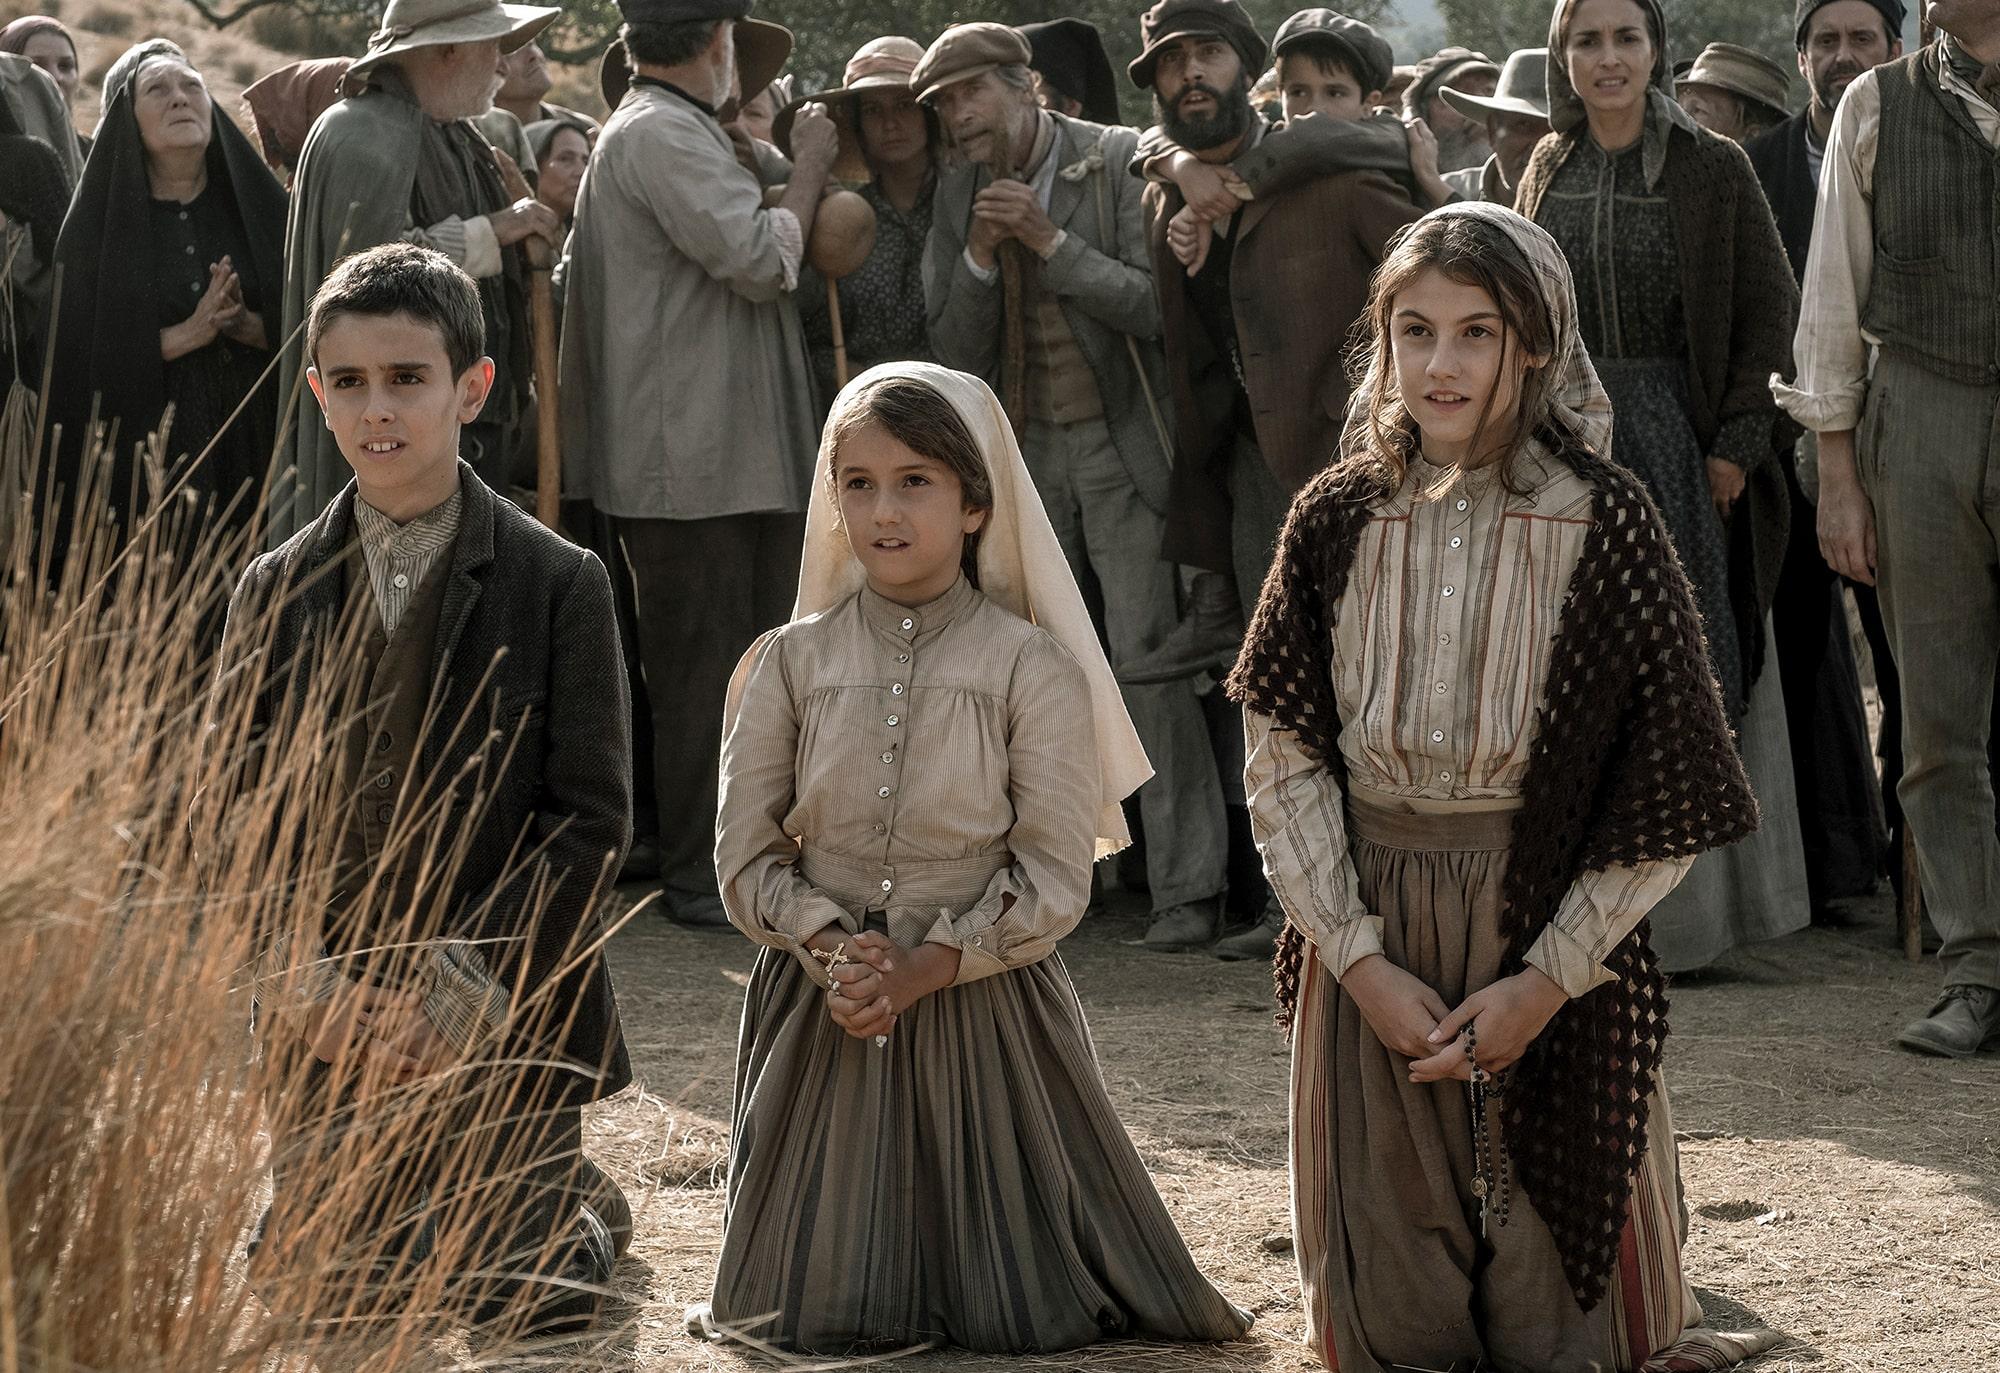 2020 0831 EHrkach Fatima Movie image 1